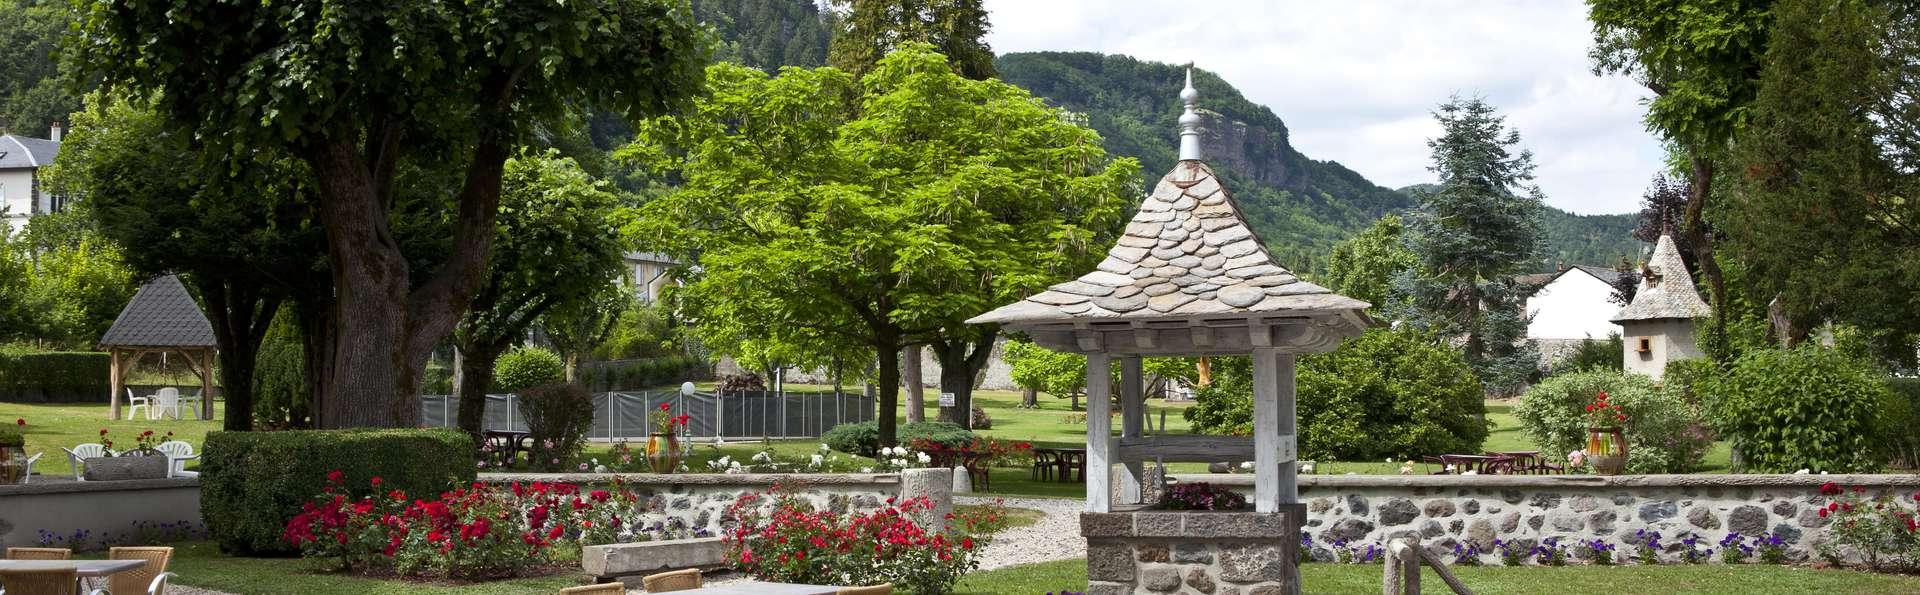 Week-end sur les monts du Cantal